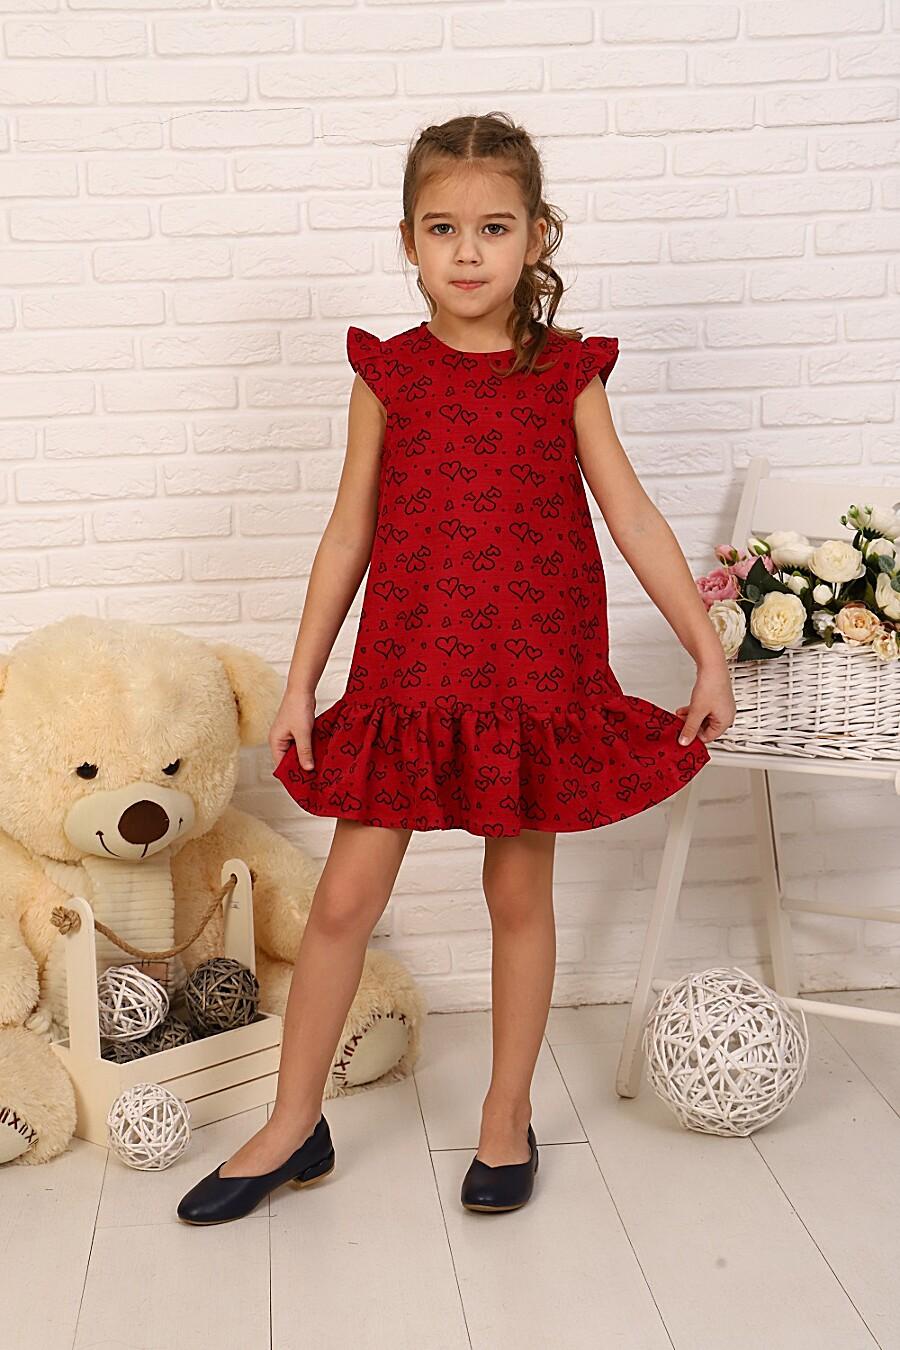 Сарафан Сердечки Егоза детский для девочек НАТАЛИ 334780 купить оптом от производителя. Совместная покупка детской одежды в OptMoyo